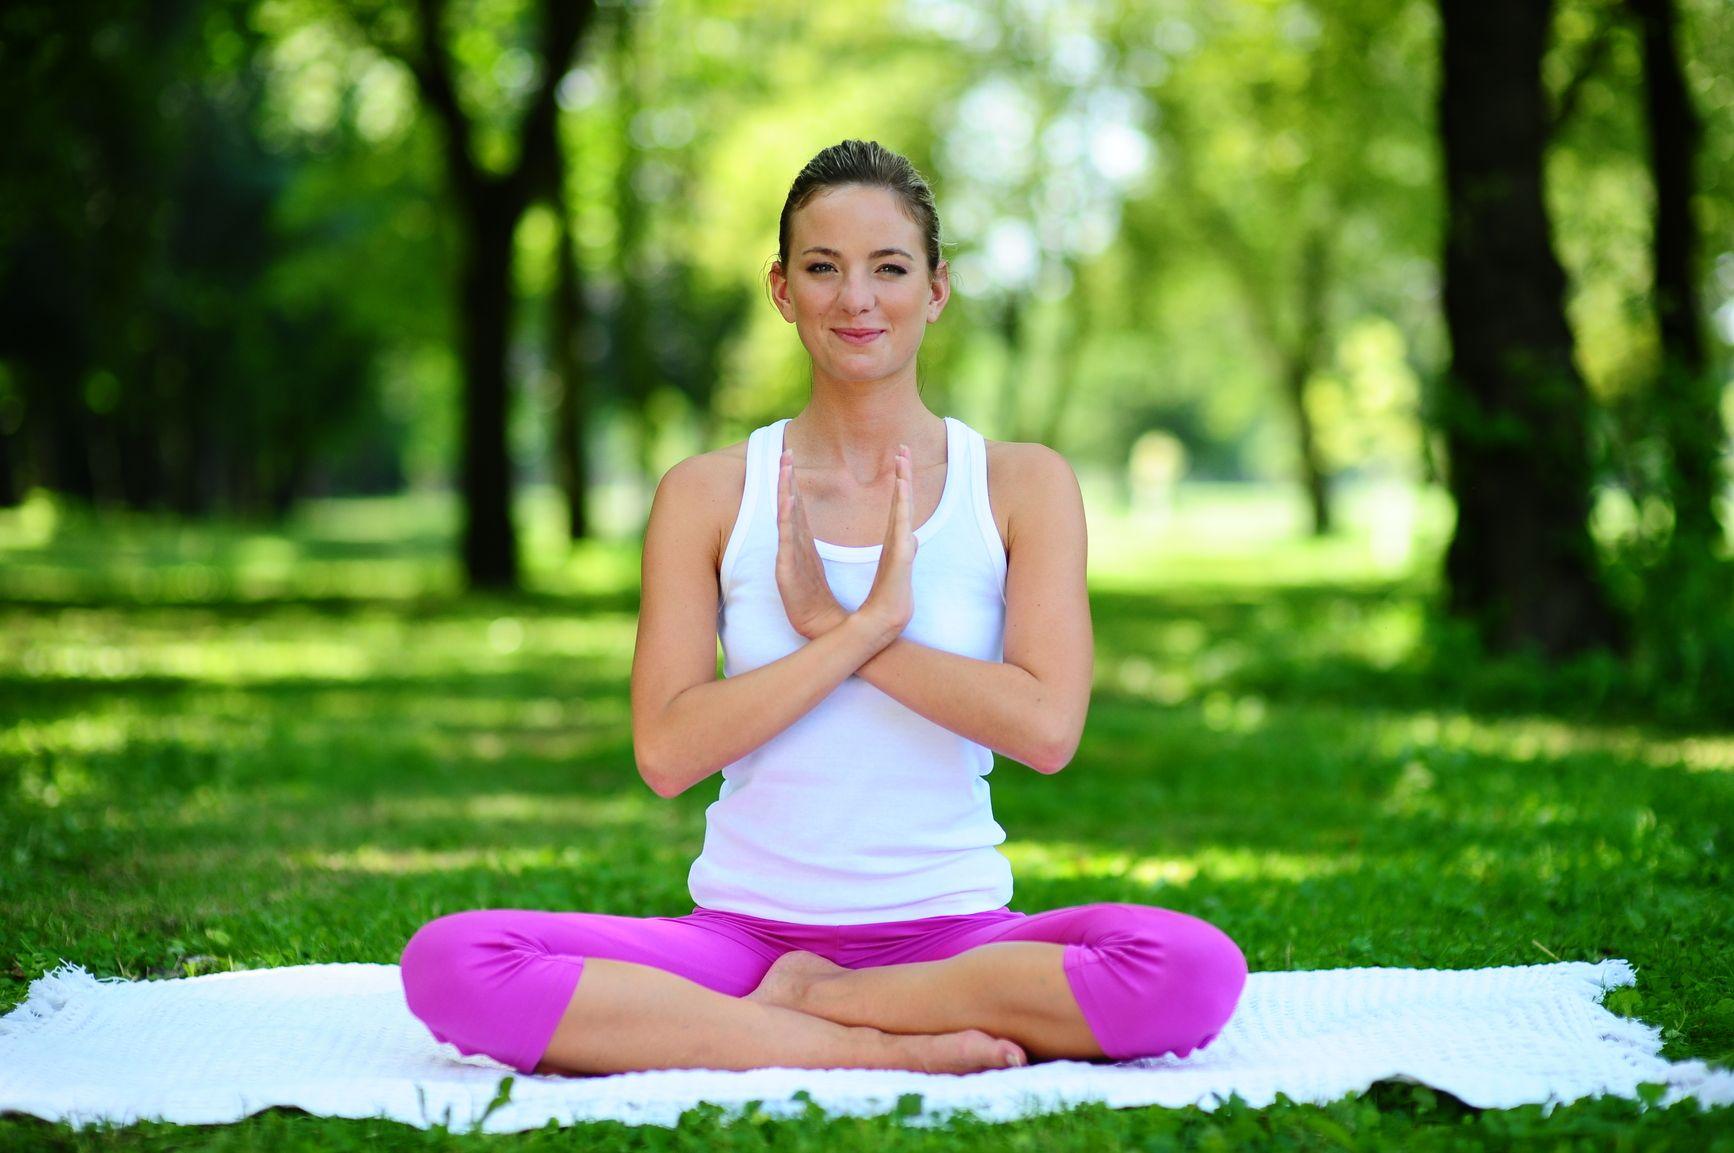 Žena praktikující jógu legální fotografie z fotobanky www.pixmac.cz